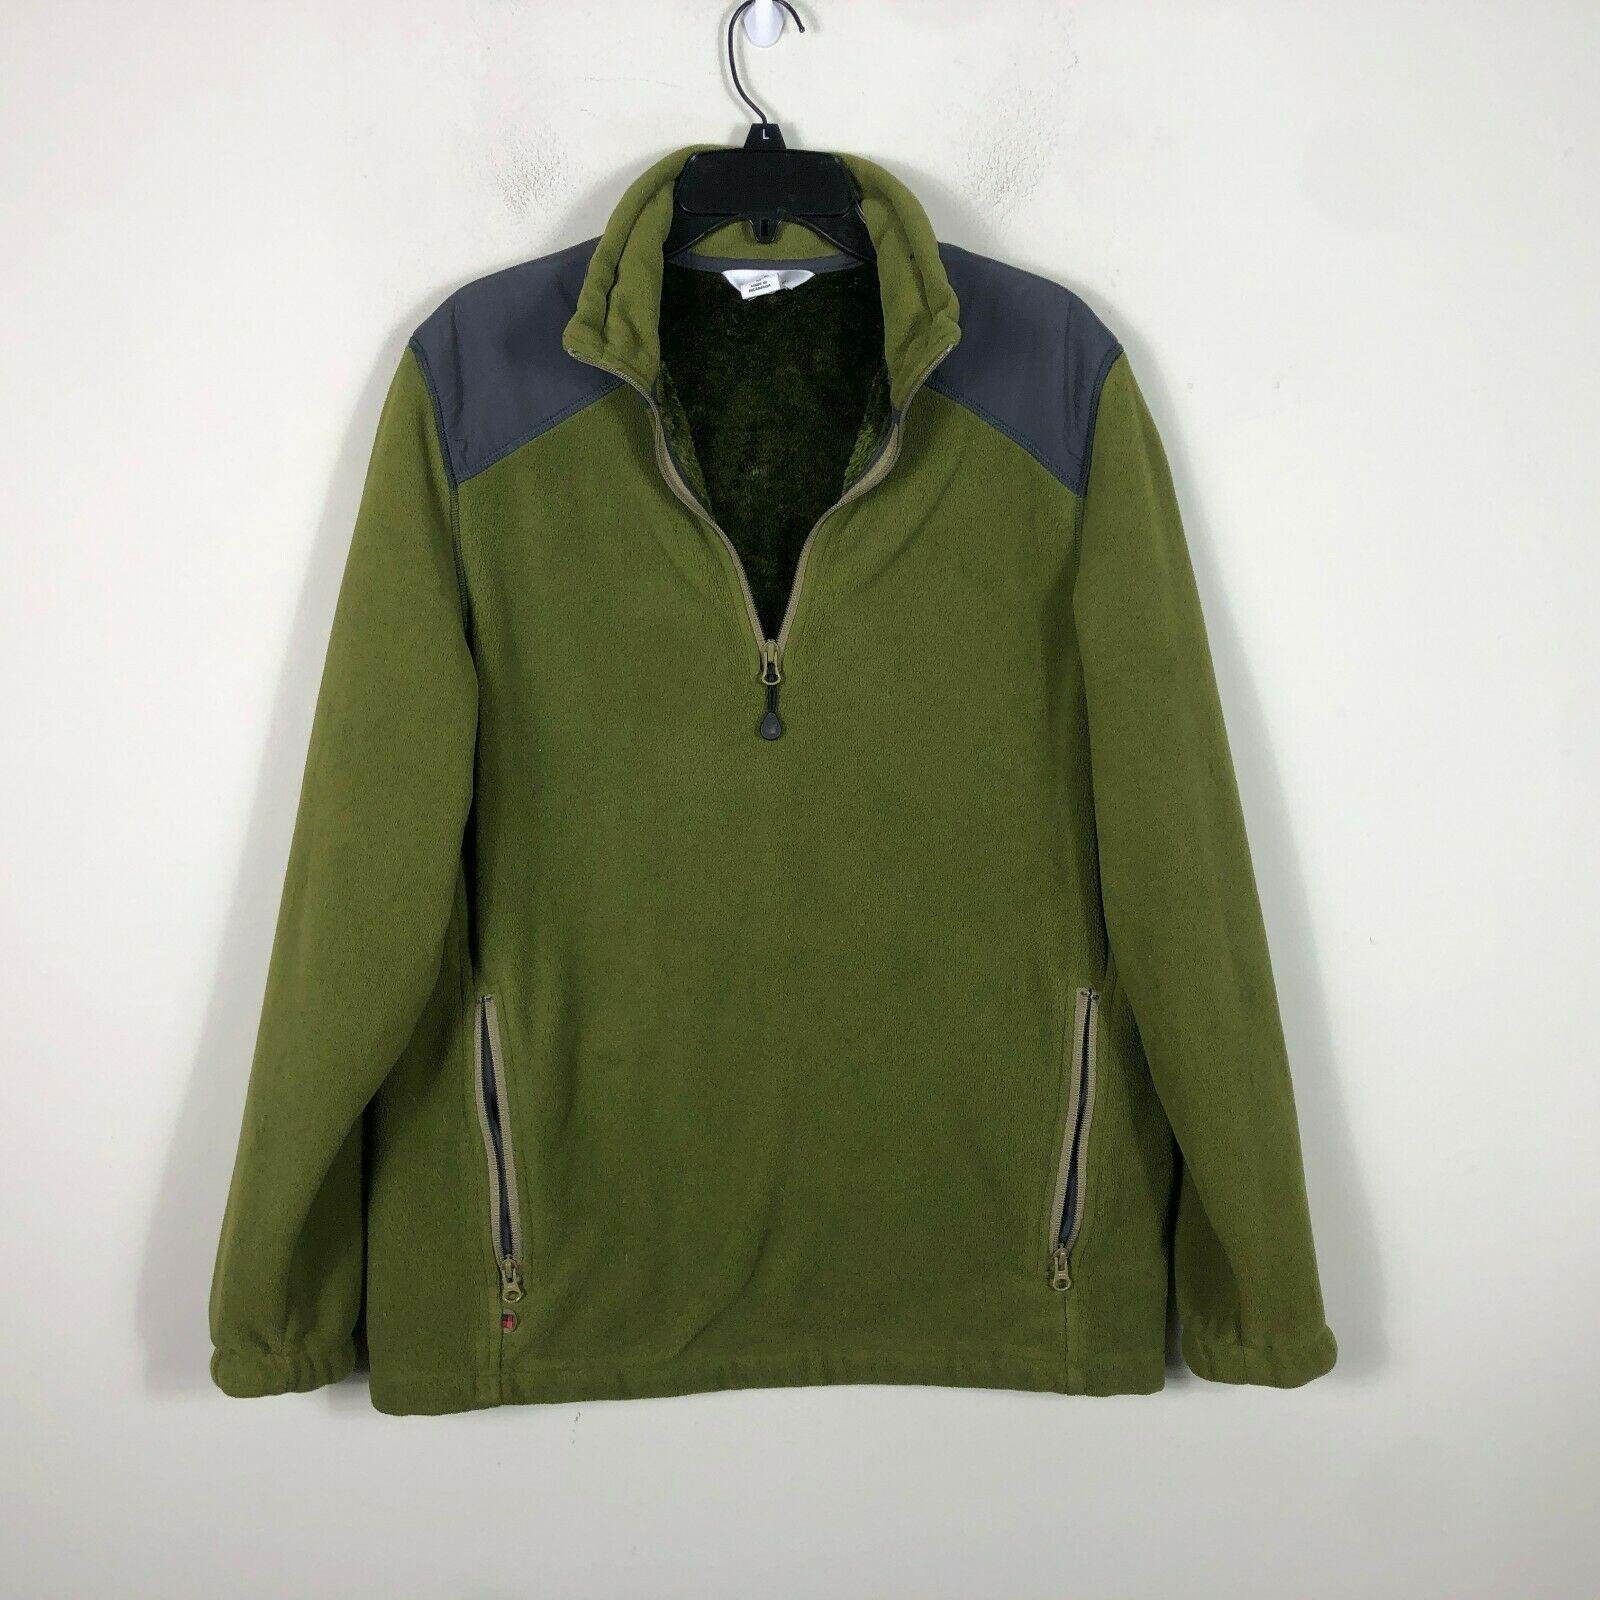 WoolRich Pile Fleece Jacket 1/2 Zip Men's M Green Long Sleeve Faux Fur Lined image 2